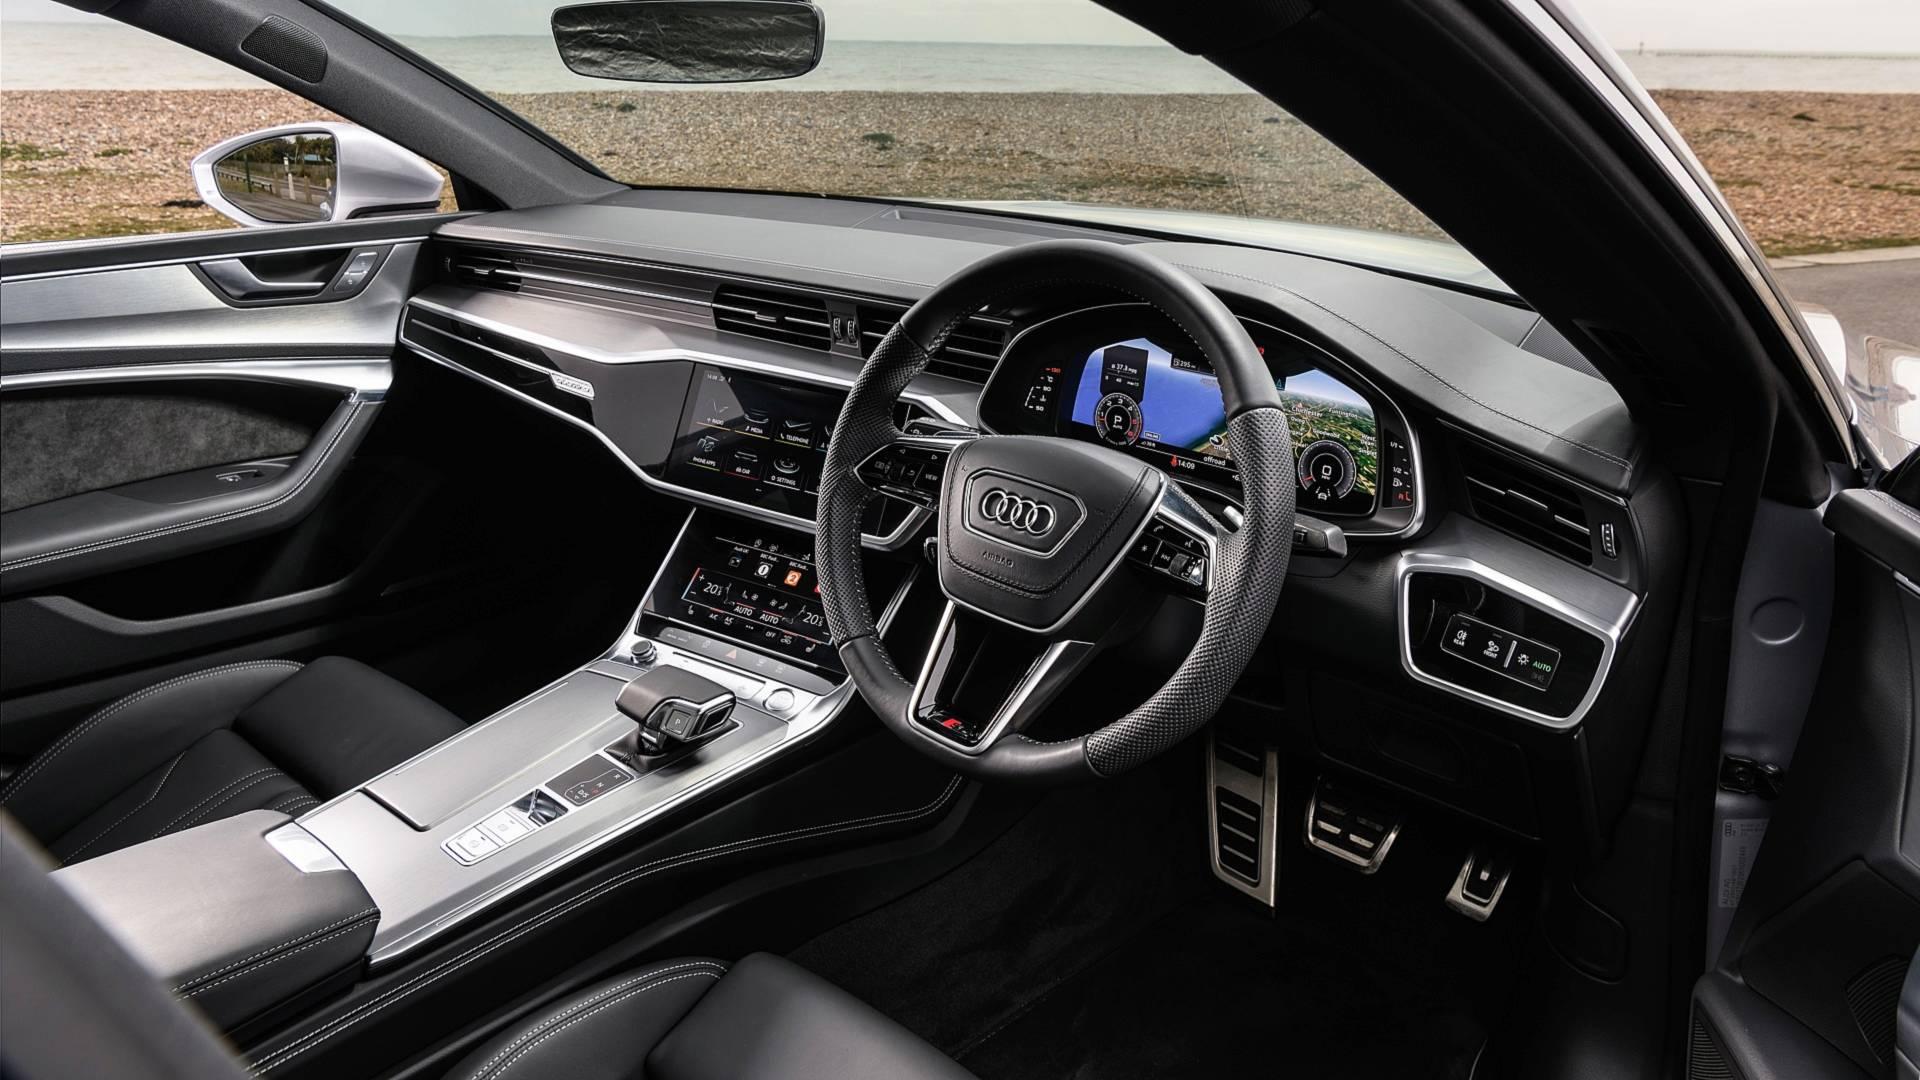 Kelebihan Audi 45 Tdi Harga